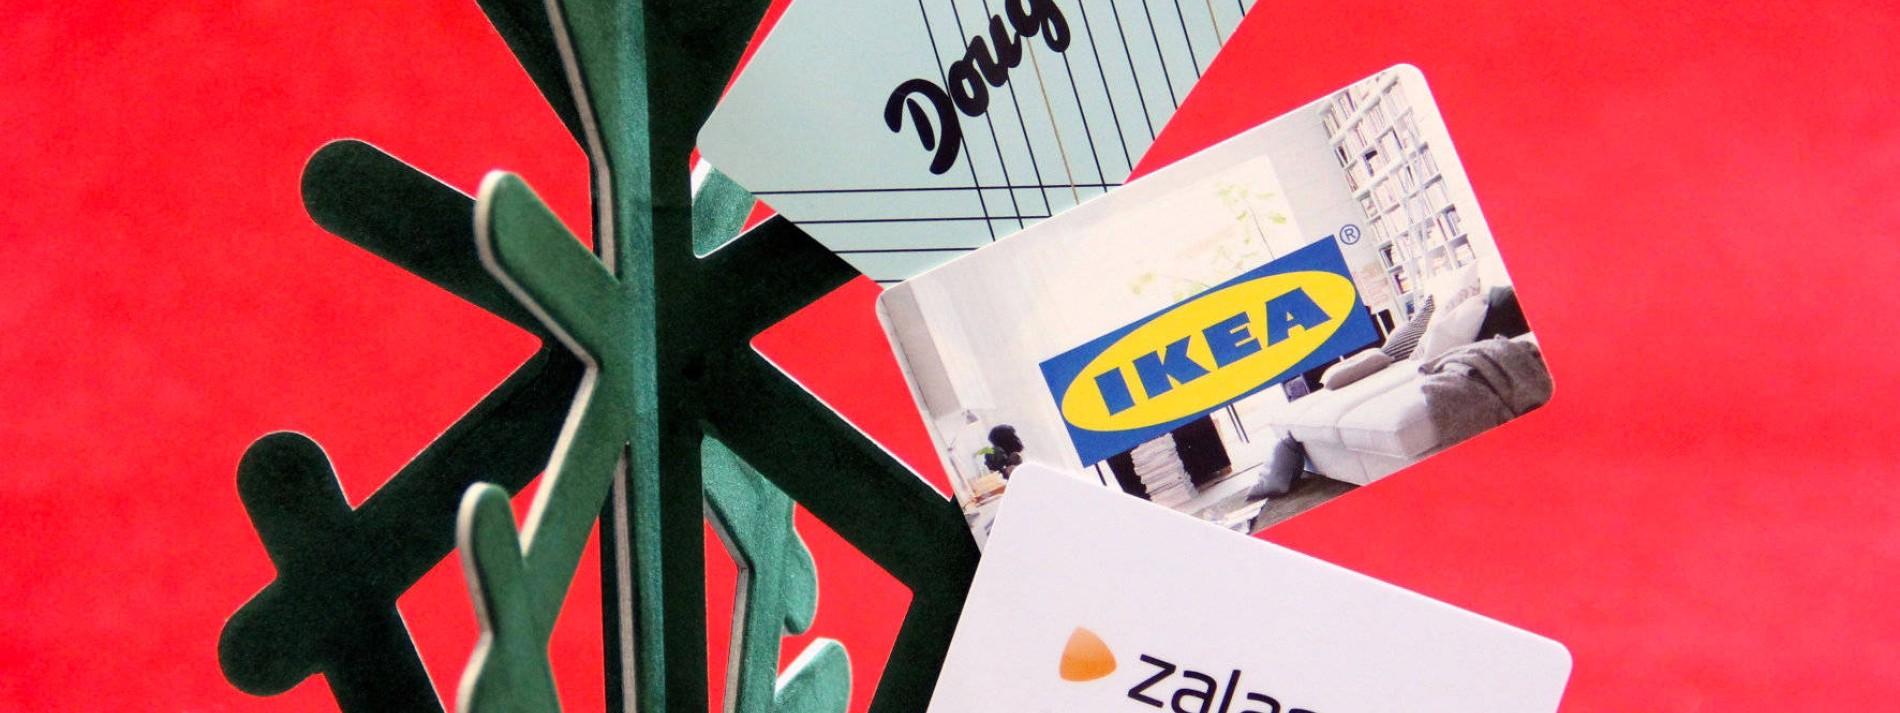 Prepaid Karte Deaktiviert Wieder Aktivieren.Der Betrug Mit Guthabenkarten Ist Ein Kinderspiel